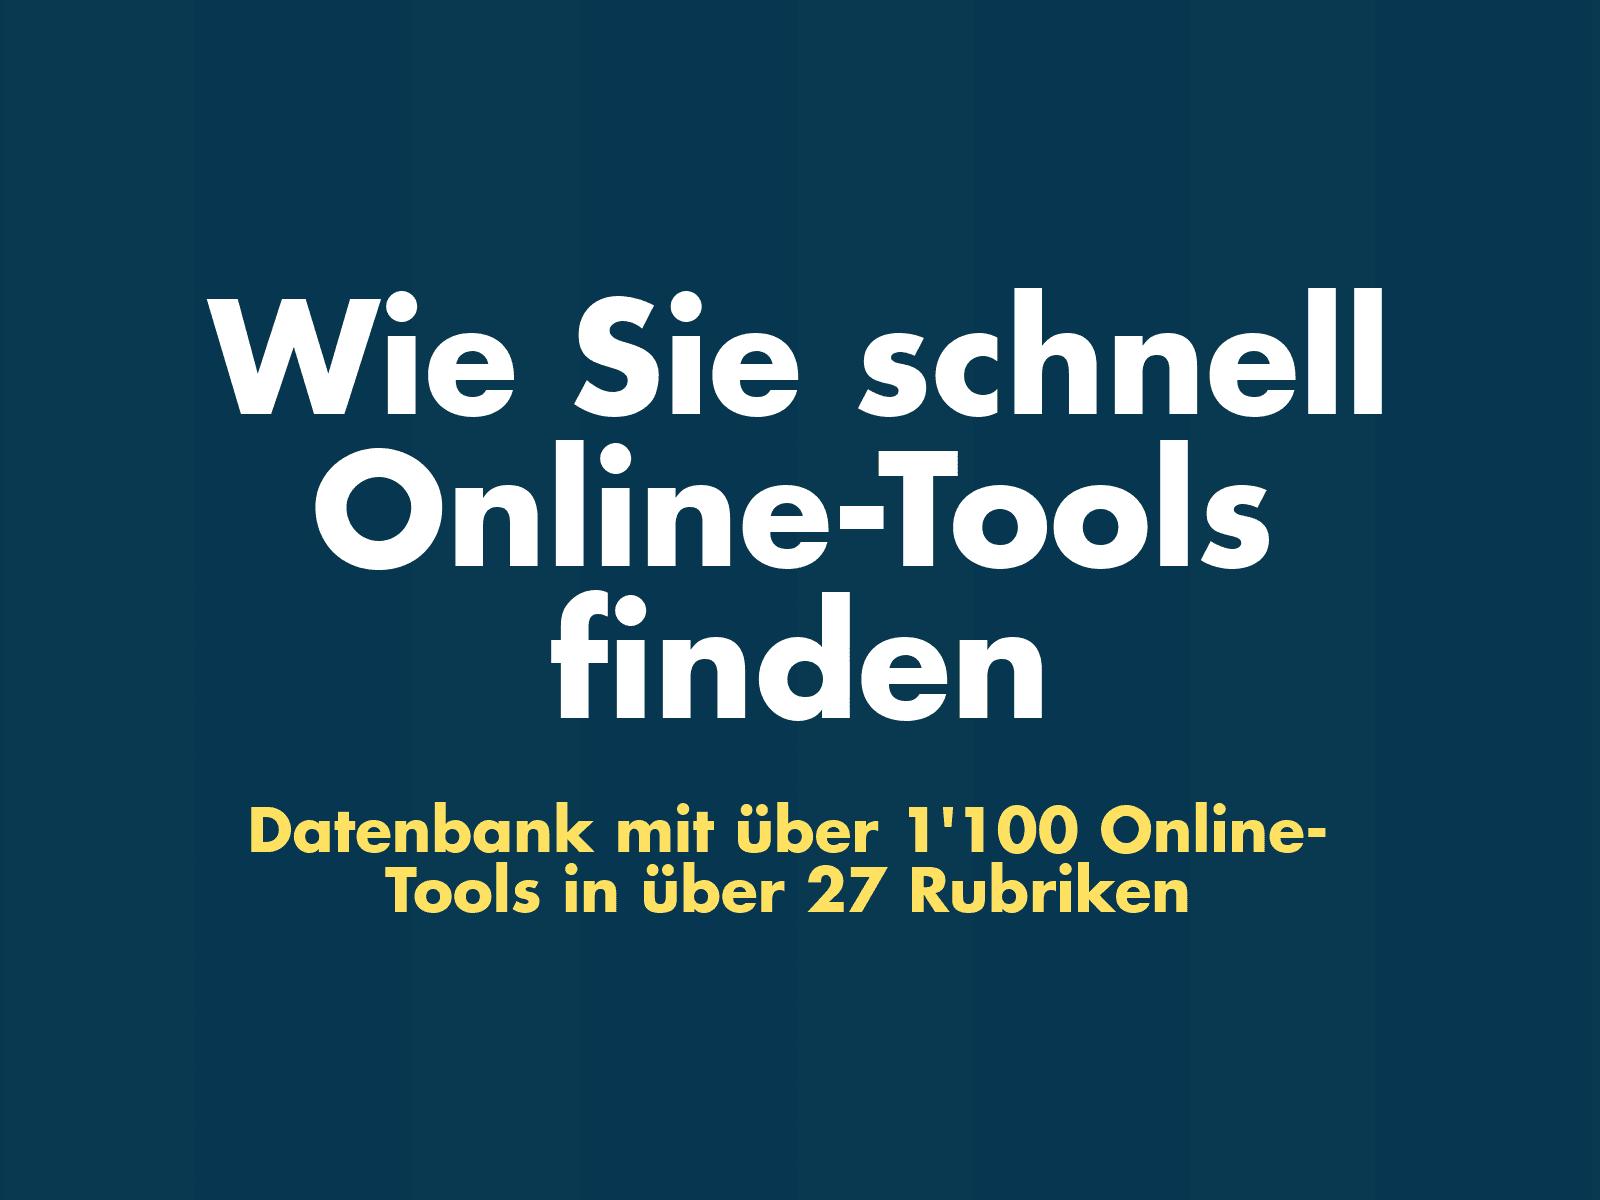 Online-Tools finden